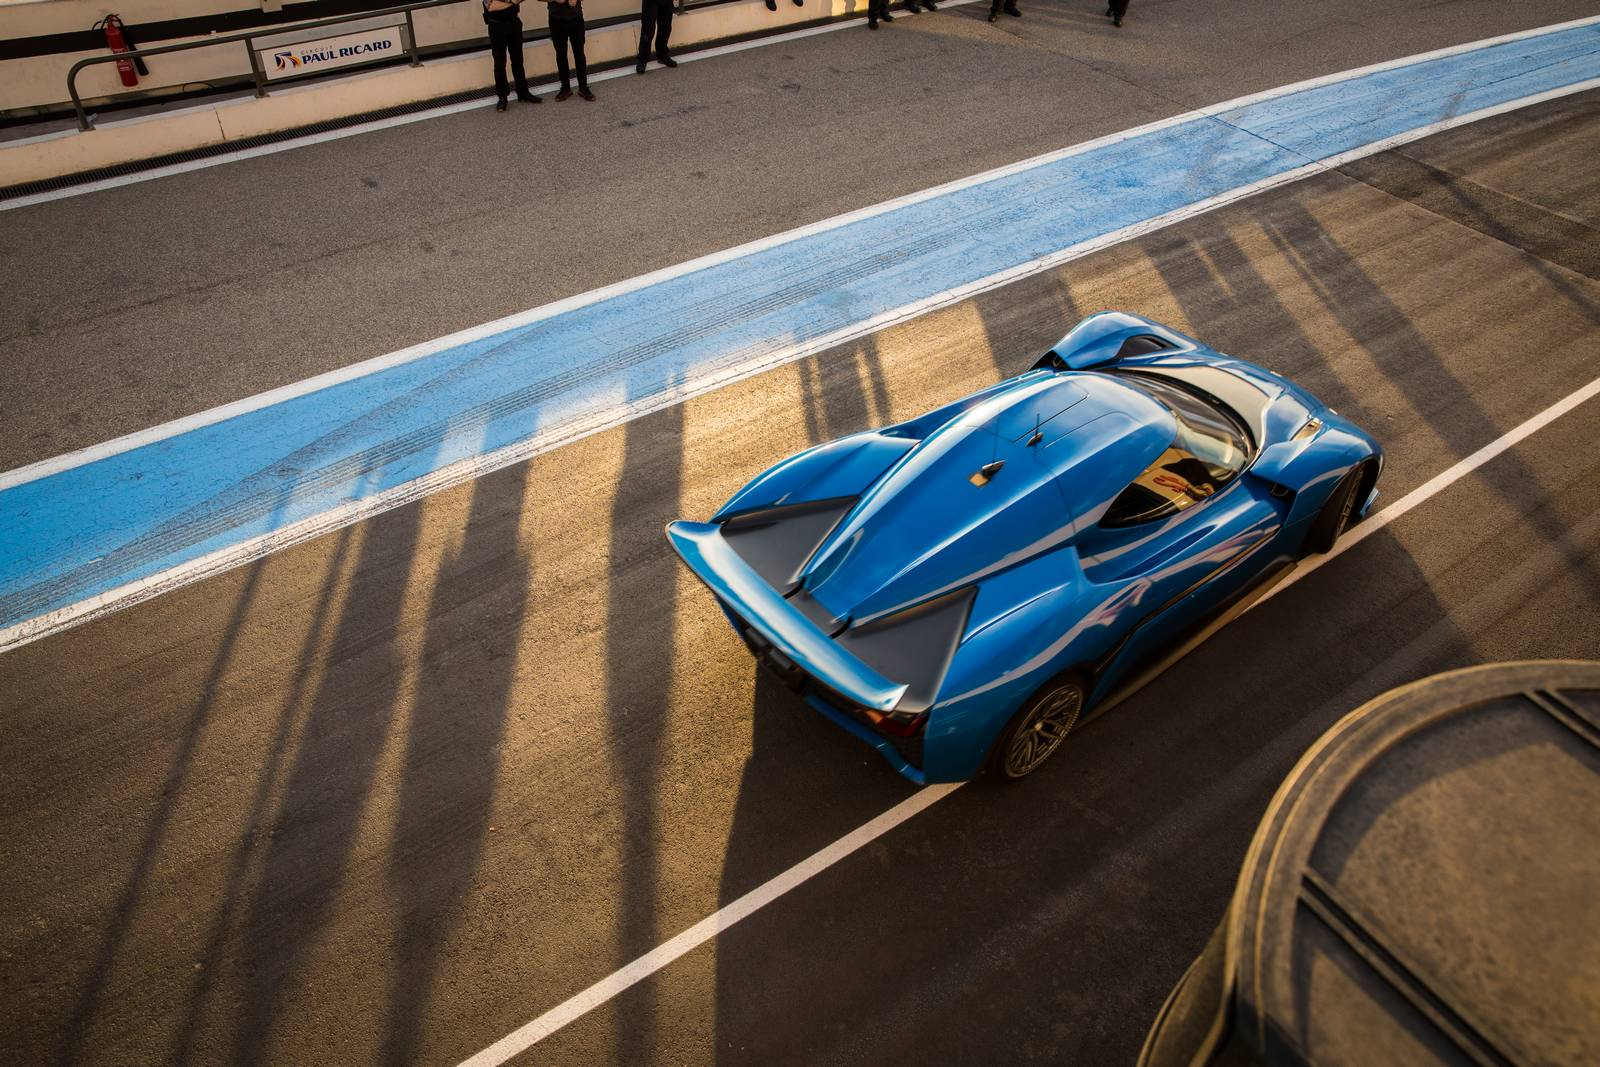 На данный момент нет видеоматериалов рекорда, однако, если время законно, электрмобиль NIO EP9 станет самым быстрым на Нюрбургринге серийным автомобилем.